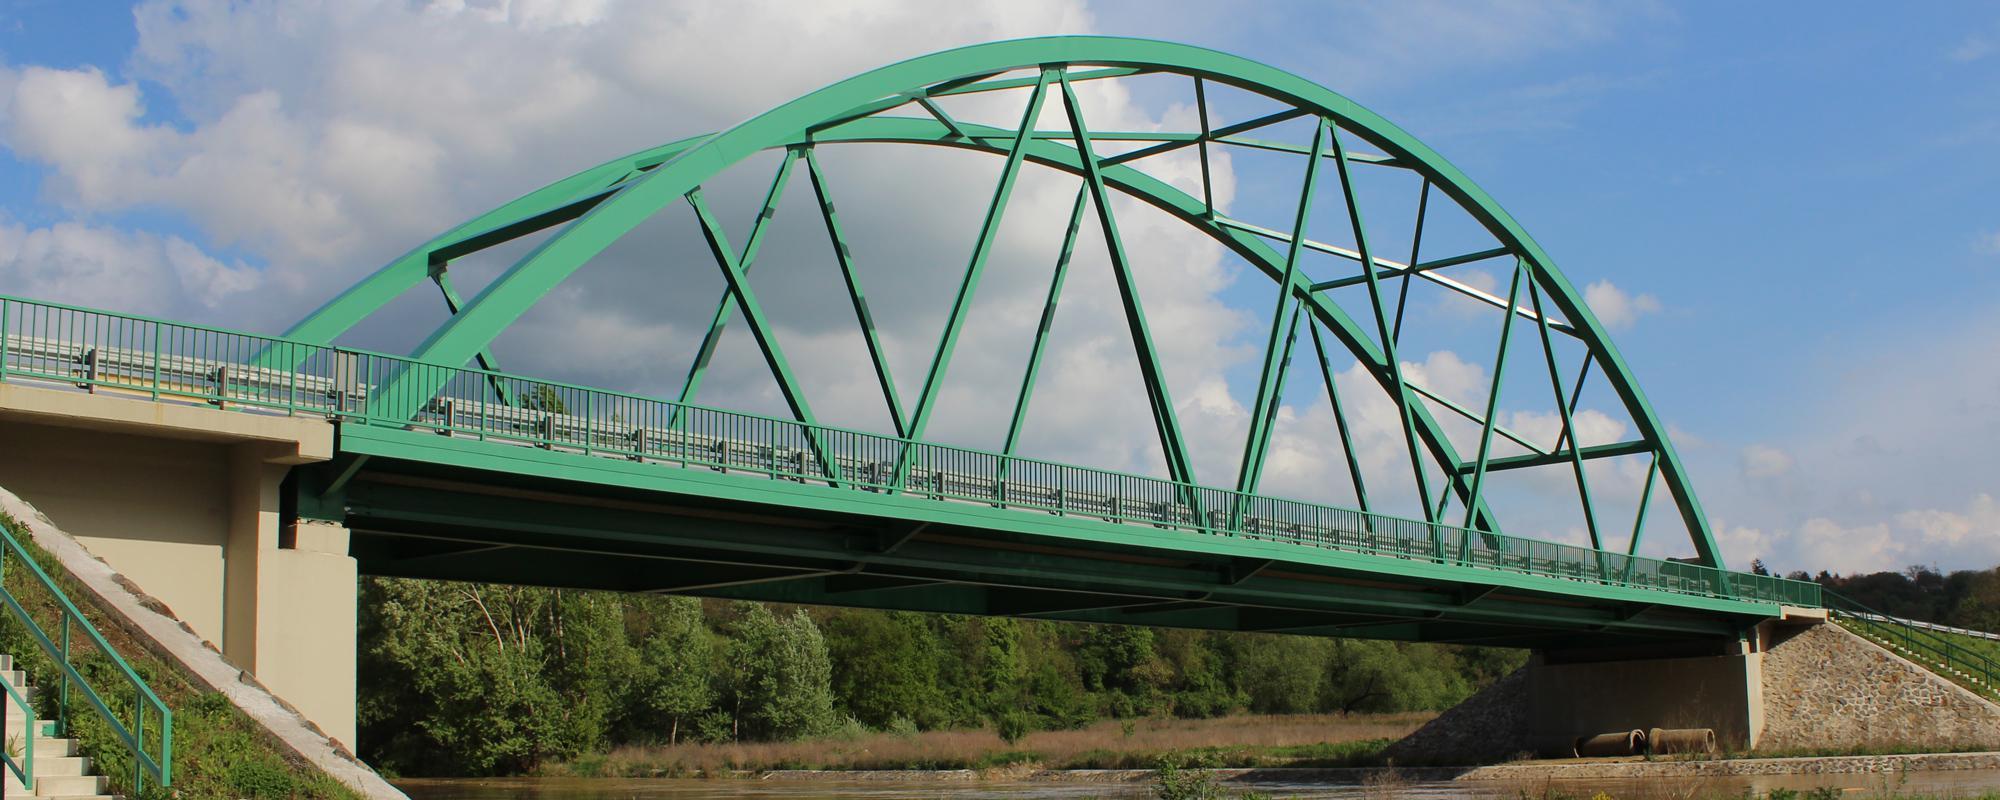 Hern%c3%a1d bridge